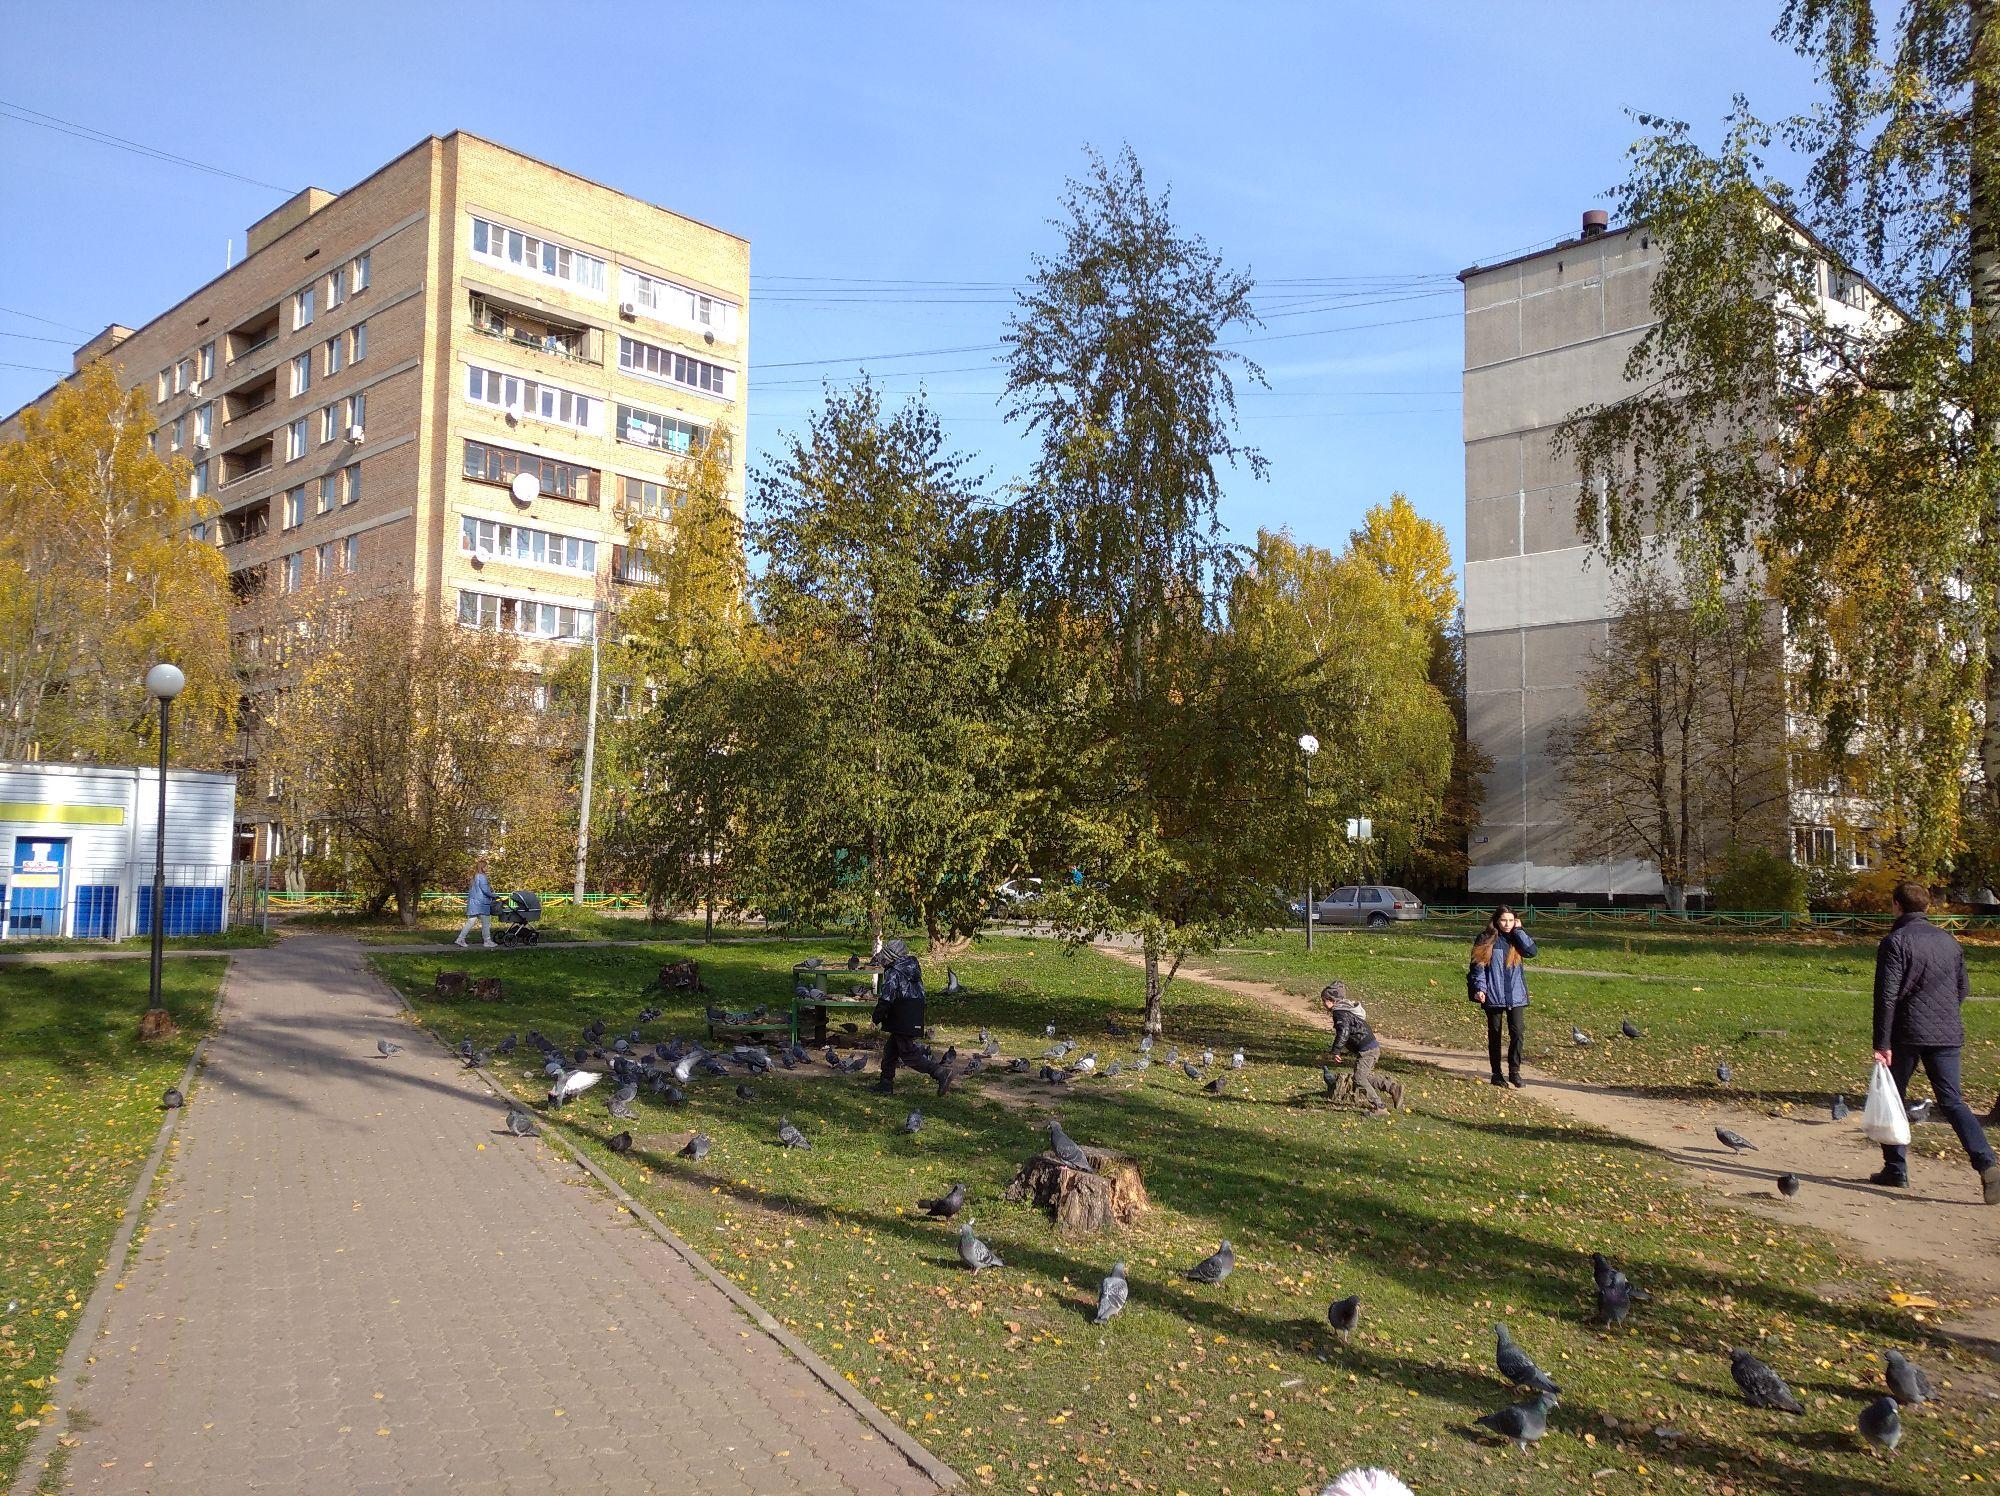 Легендарное место Березовая роща, тут жила тетя, все время здесь были эти голуби ,там Кирилл и сын подруги детства бегают